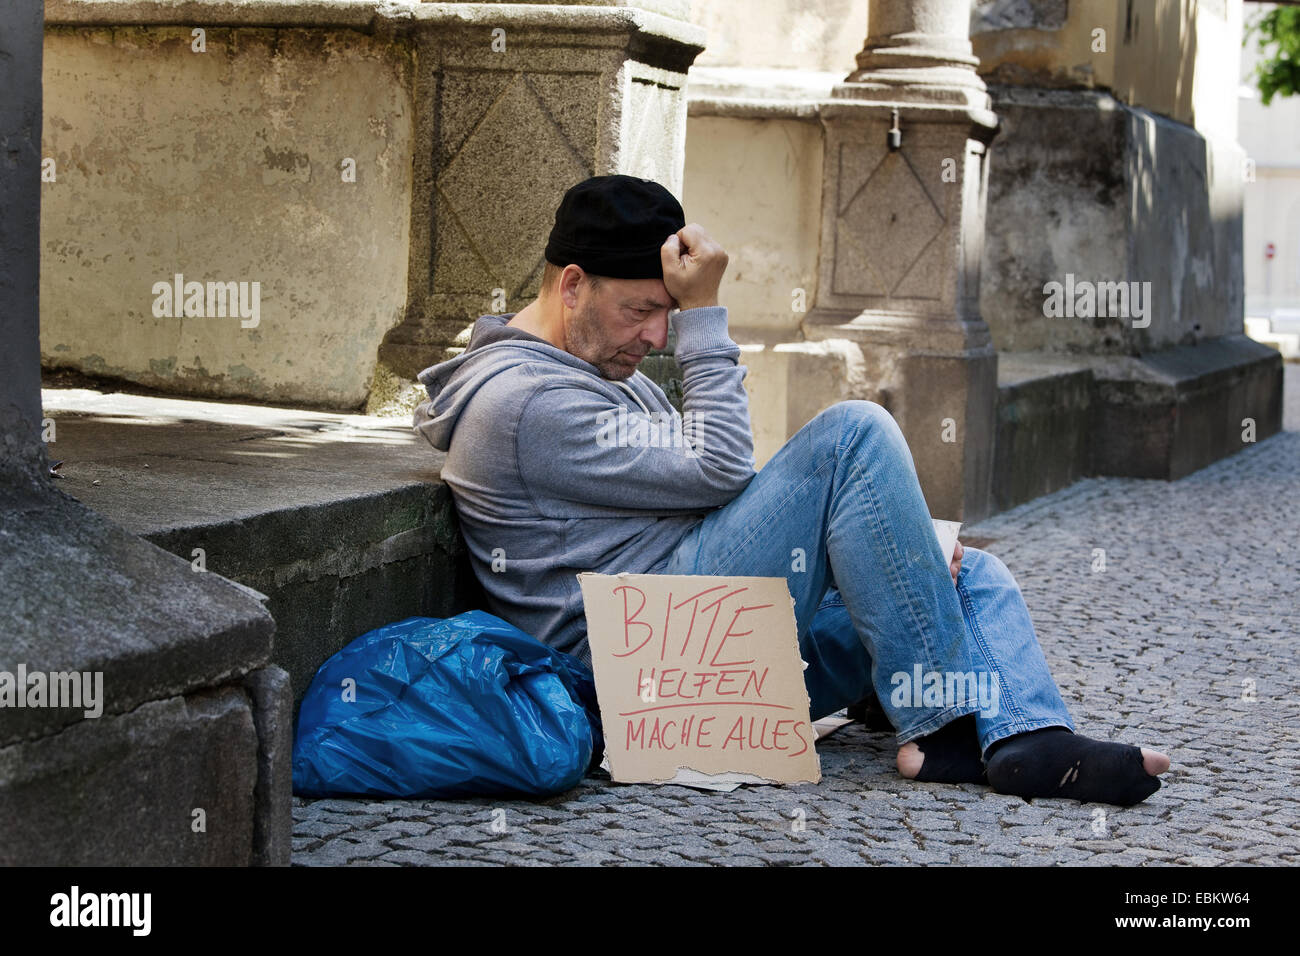 Homme au chômage la mendicité pour un travail, Allemagne Photo Stock